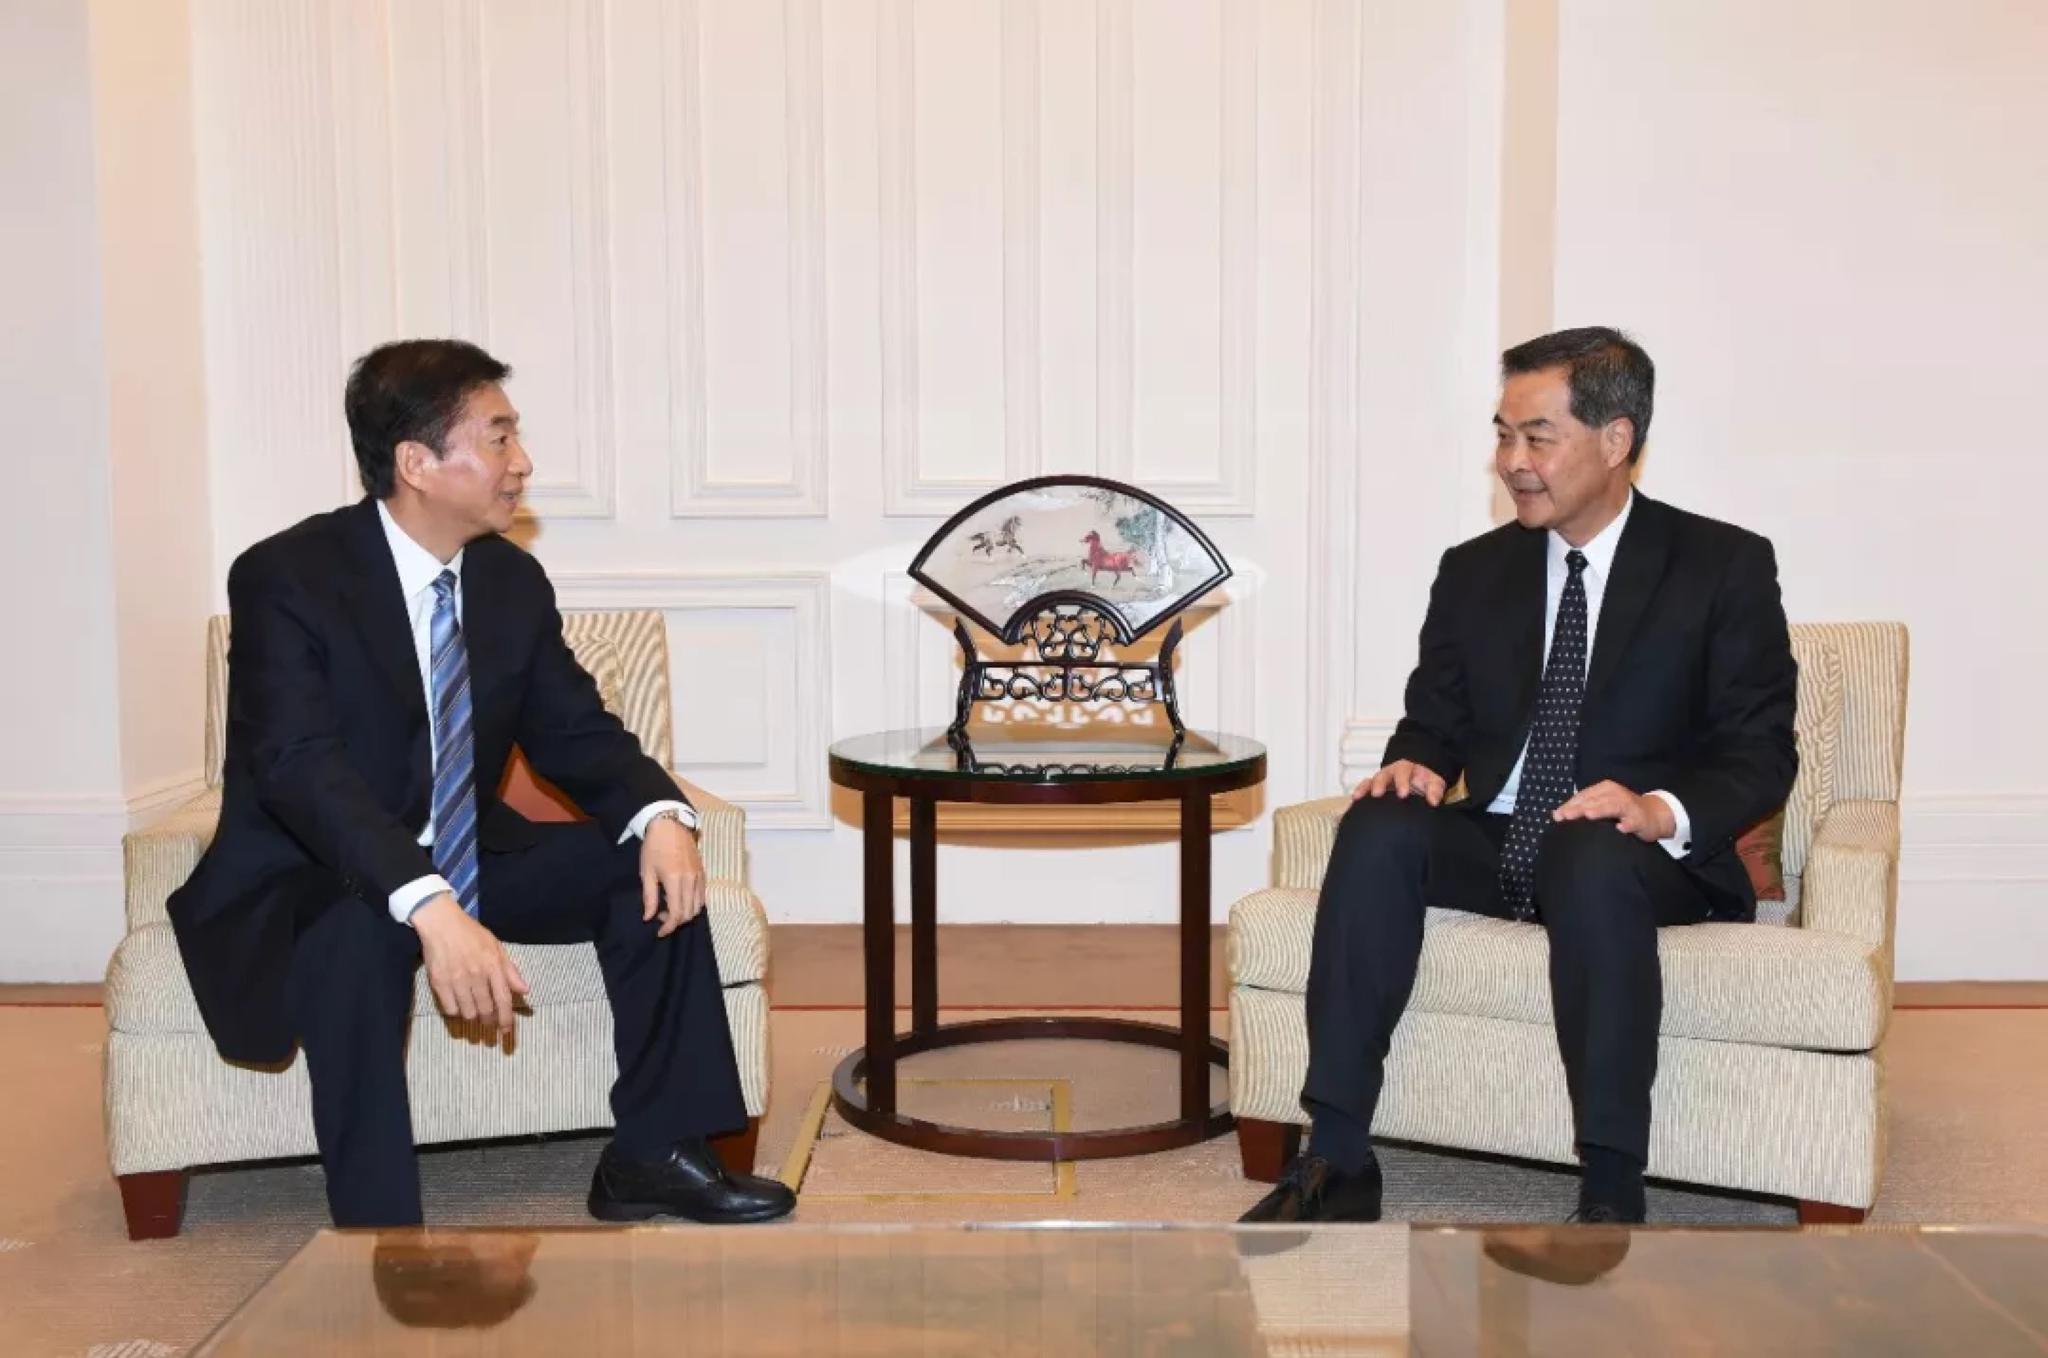 香港中联办主任骆惠宁拜会全国政协副主席梁振英图片